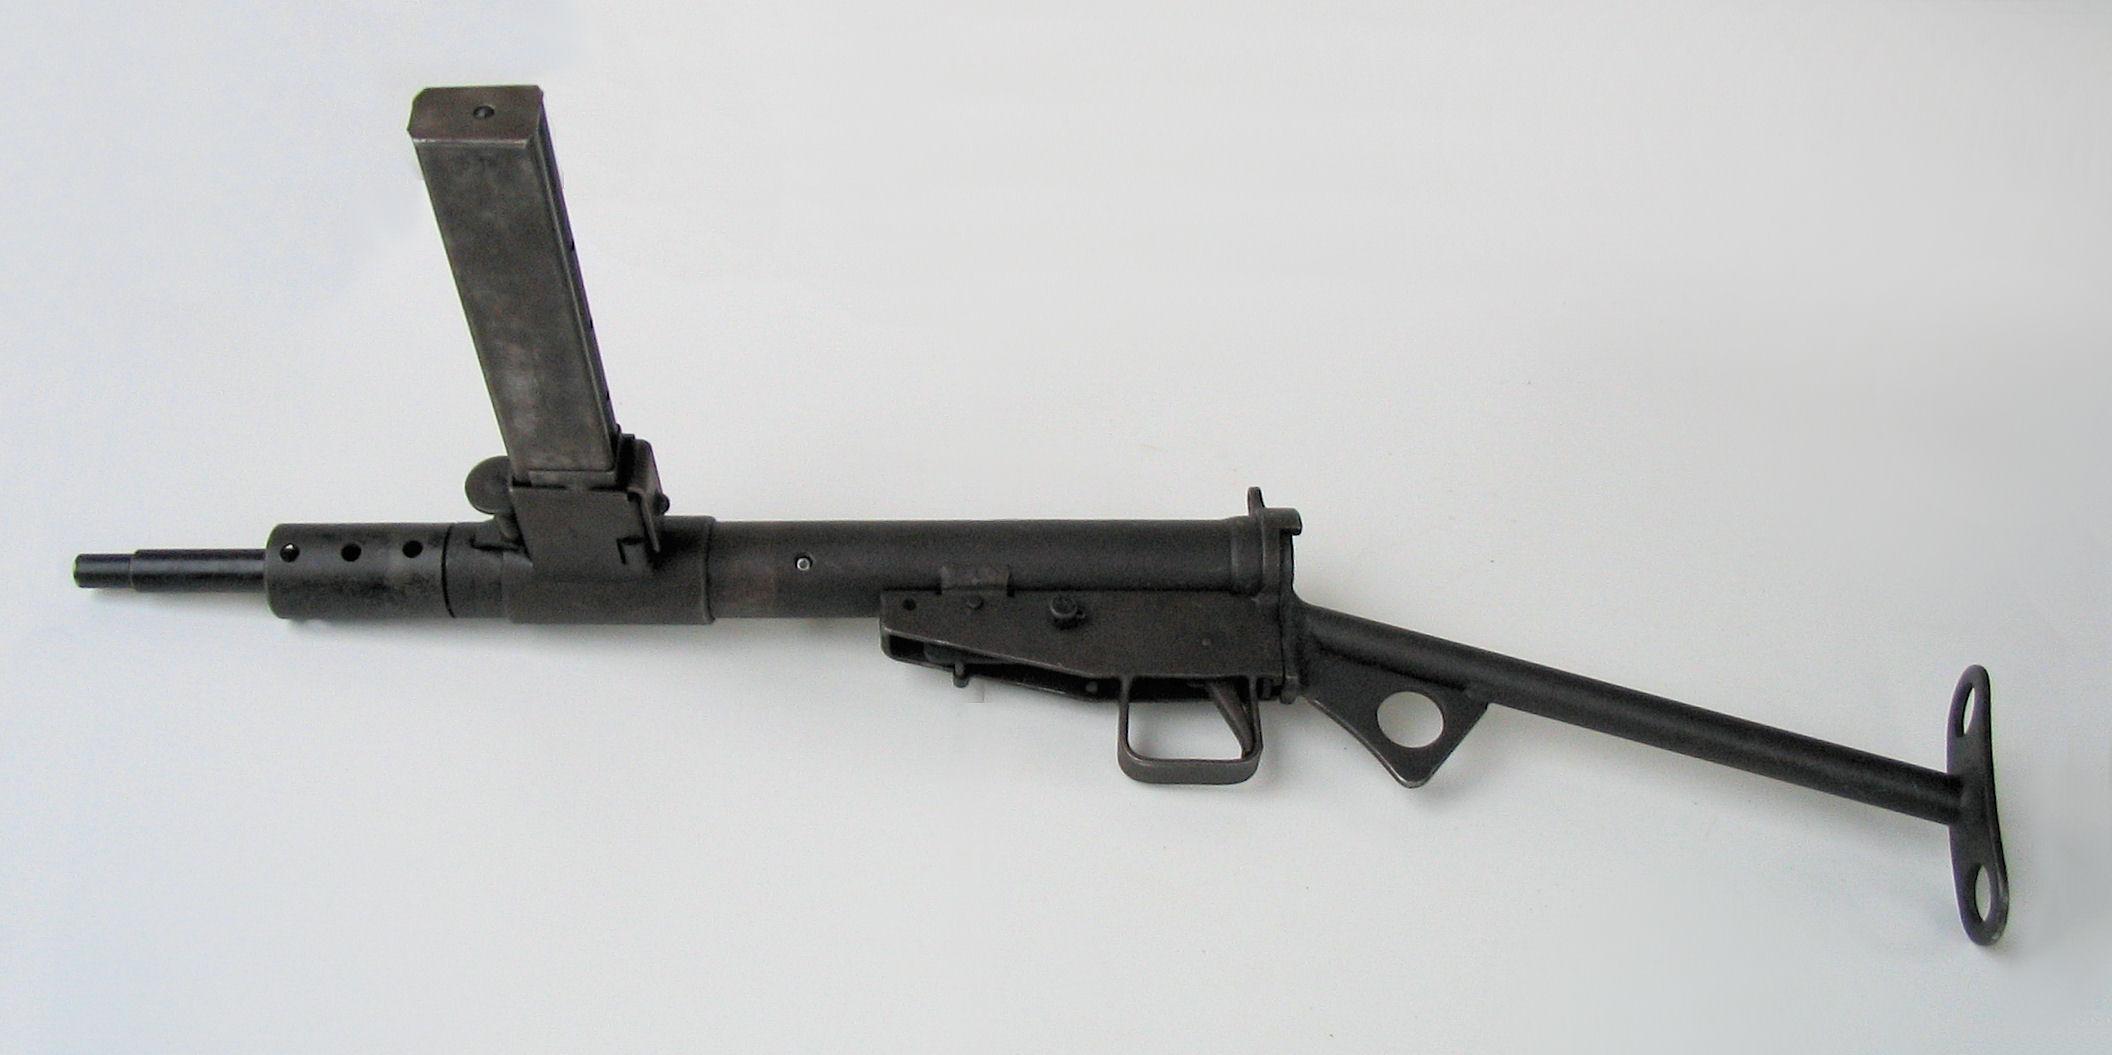 hogyan lehet sürgősen elveszíteni a fegyvereket status